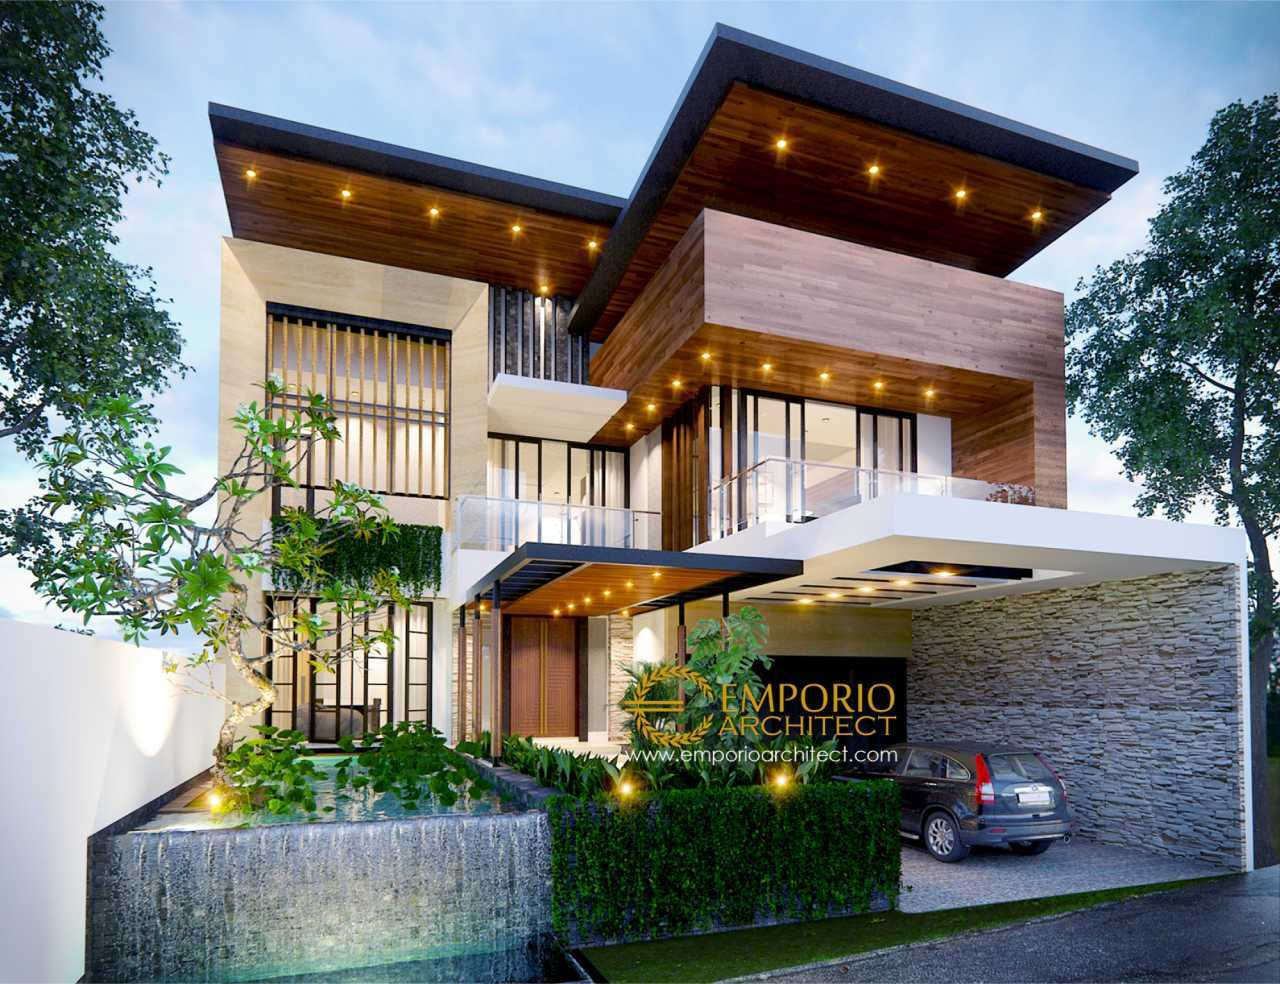 57 Desain Rumah Minimalis Emporio Gratis Terbaik